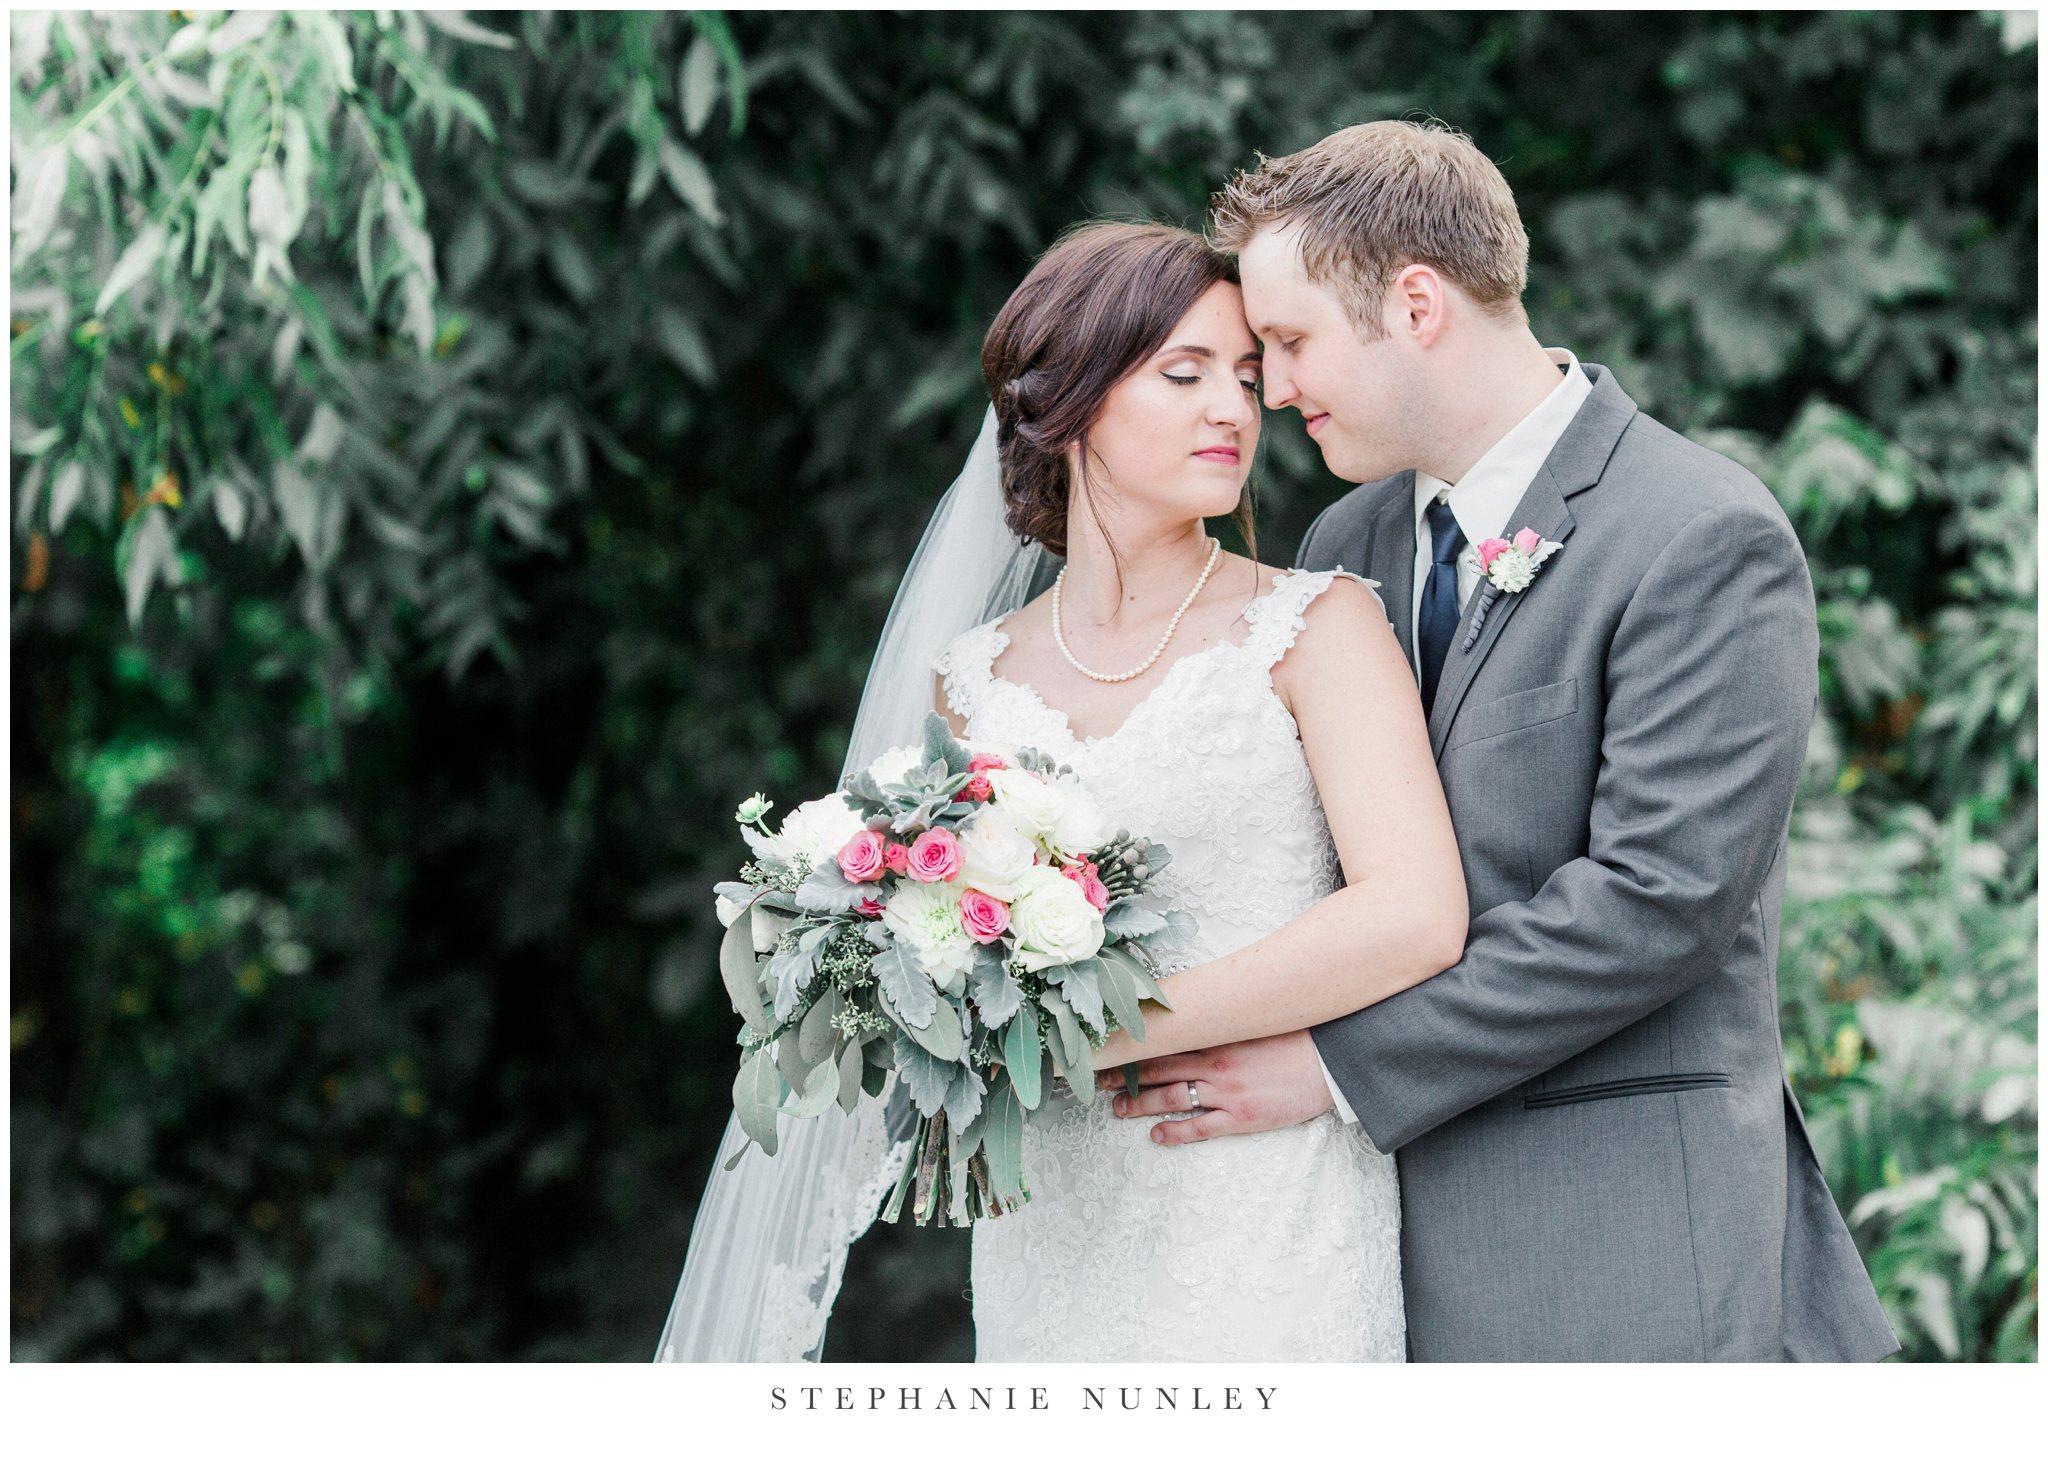 arkansas-outdoor-film-inspired-wedding-0072.jpg